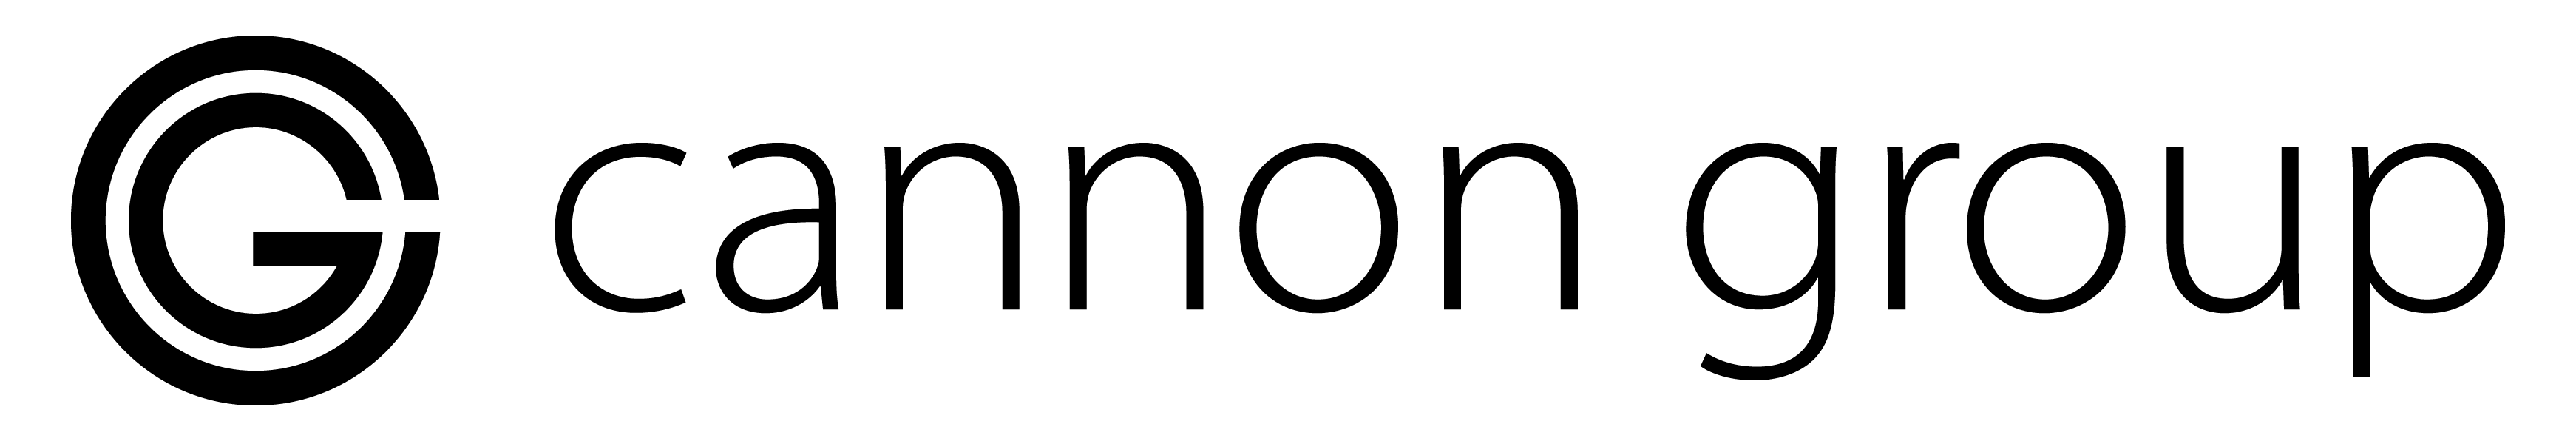 Cannon Group Enterprises, Inc. Company Logo